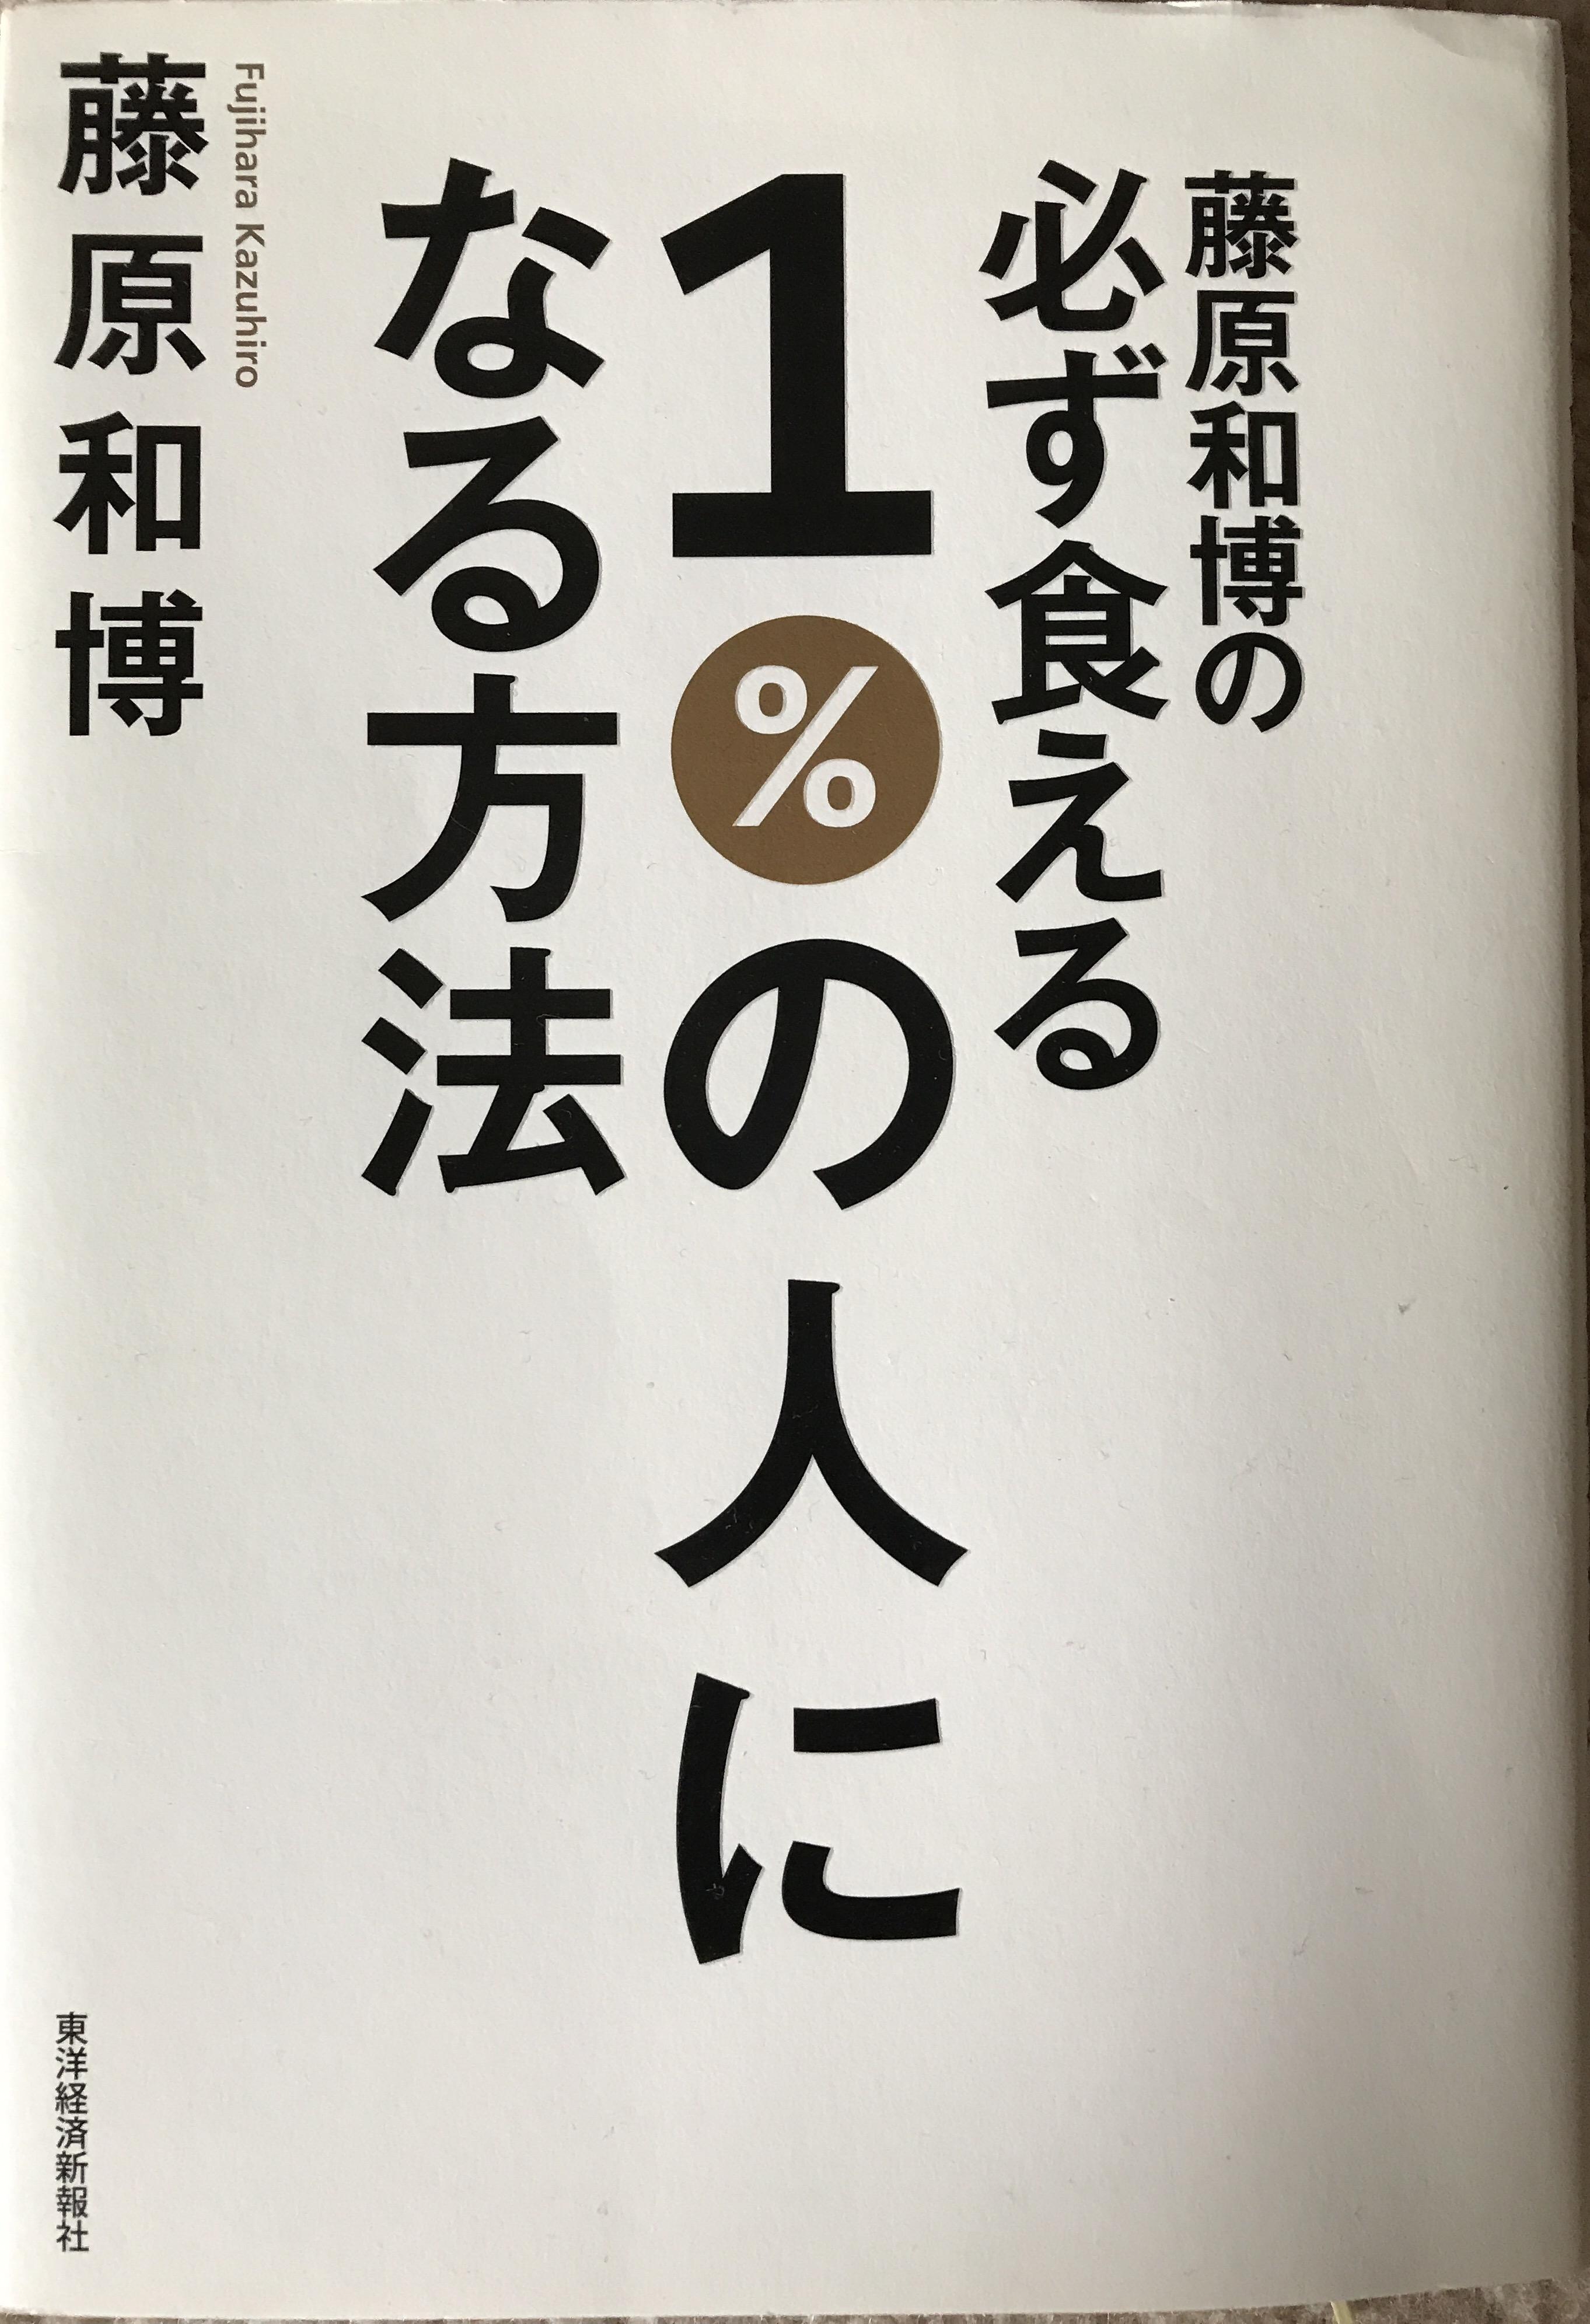 【本】必ず食える1%の人になる方法